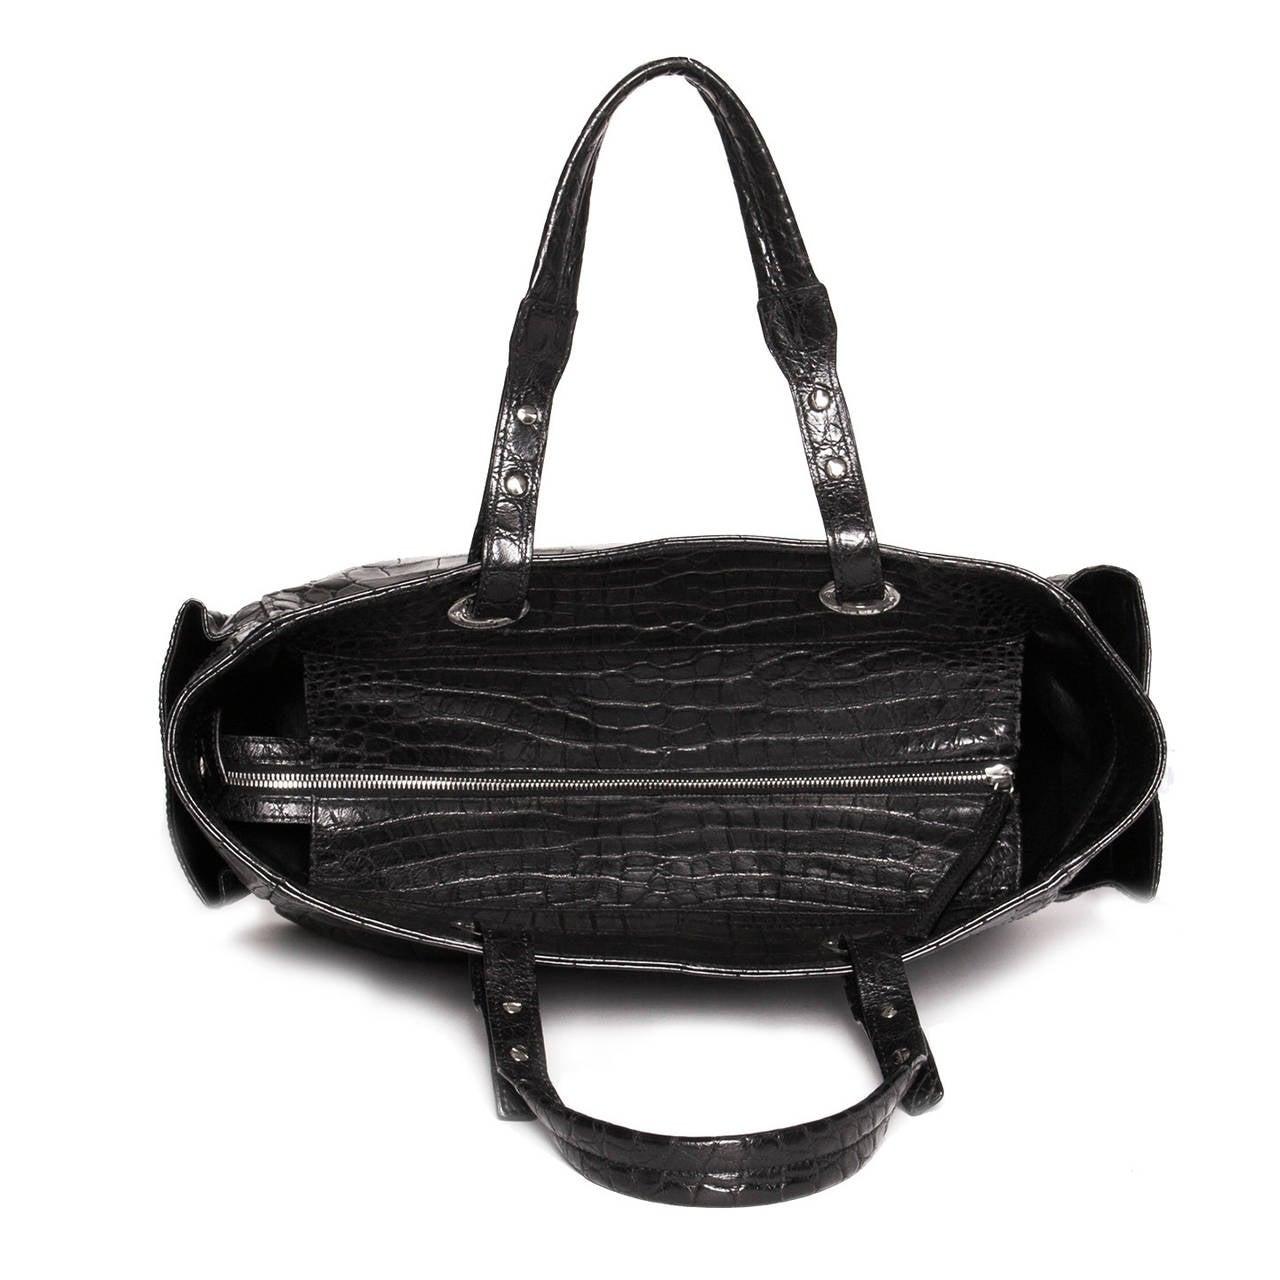 chanel black crocodile shoulder large bag at 1stdibs